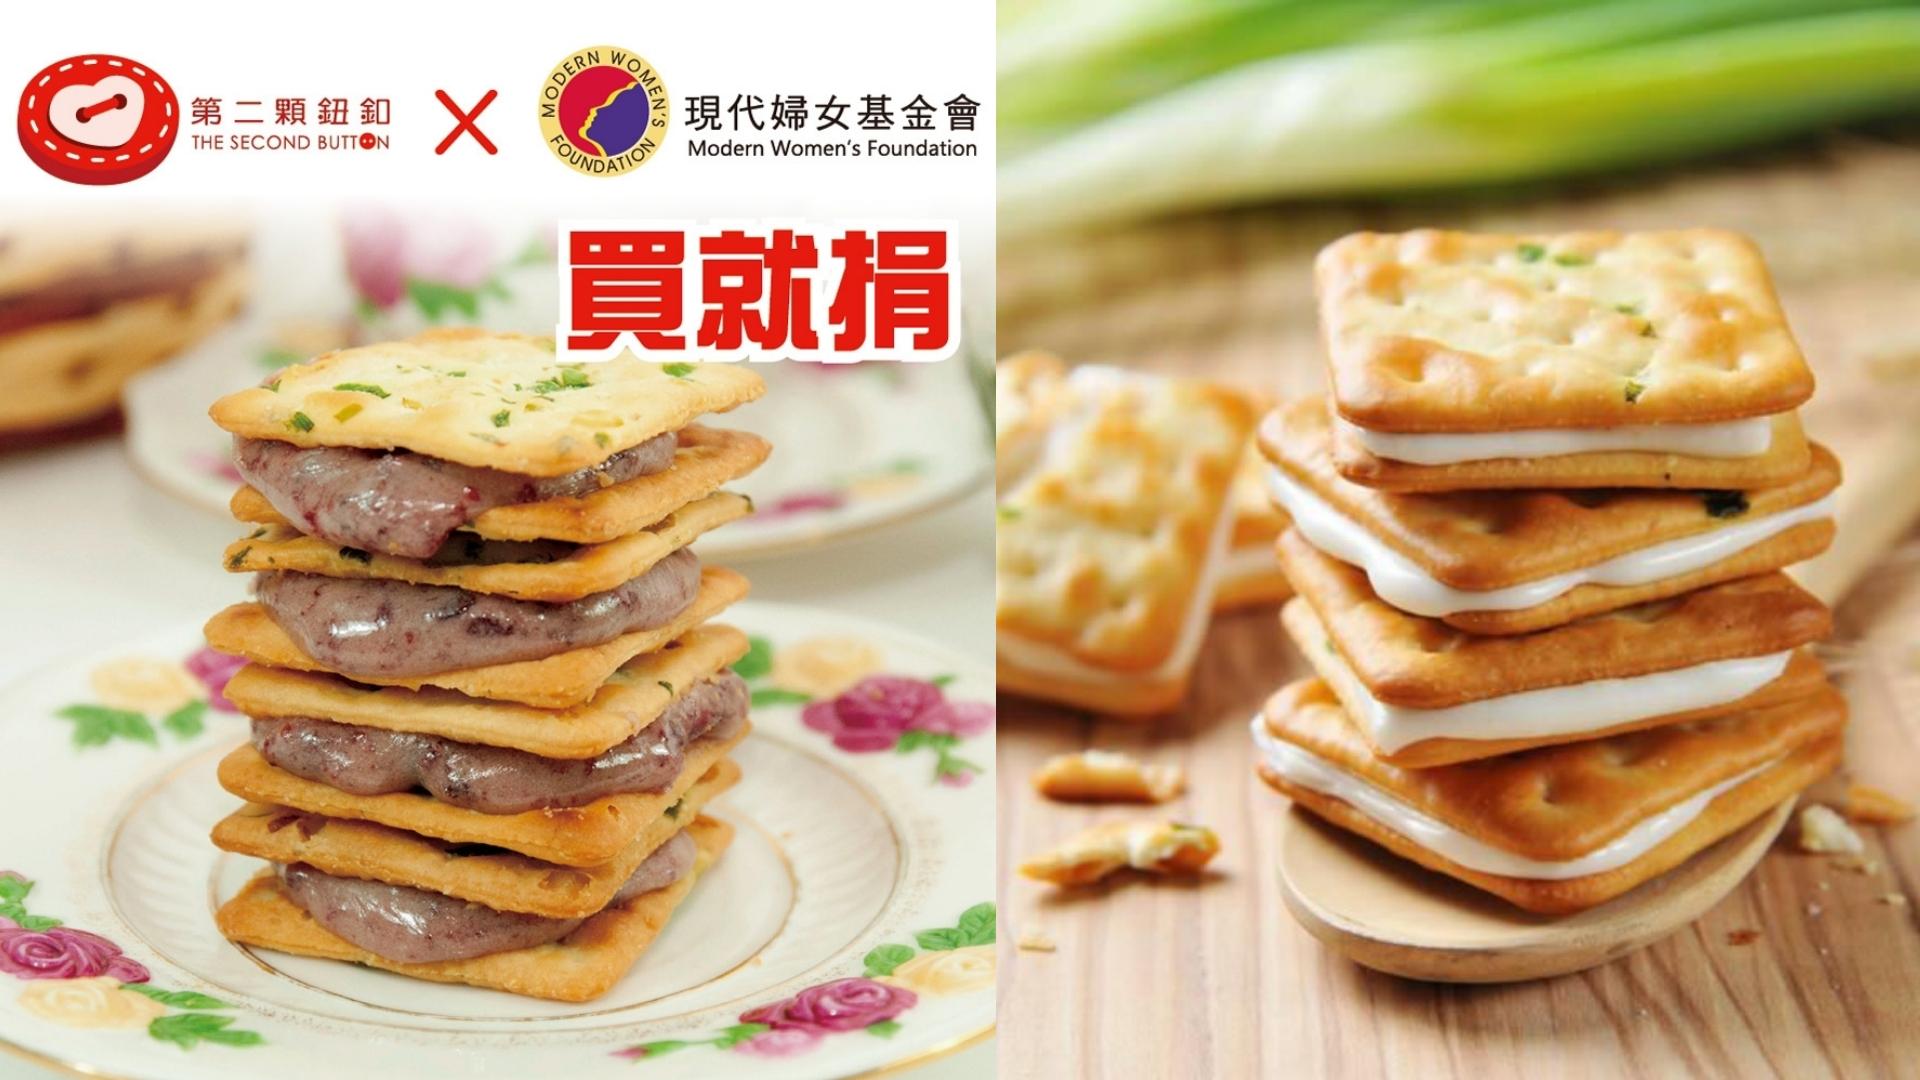 搭配外層的餅乾外酥鹹、內軟甜,調配出不能錯過的完美比例。